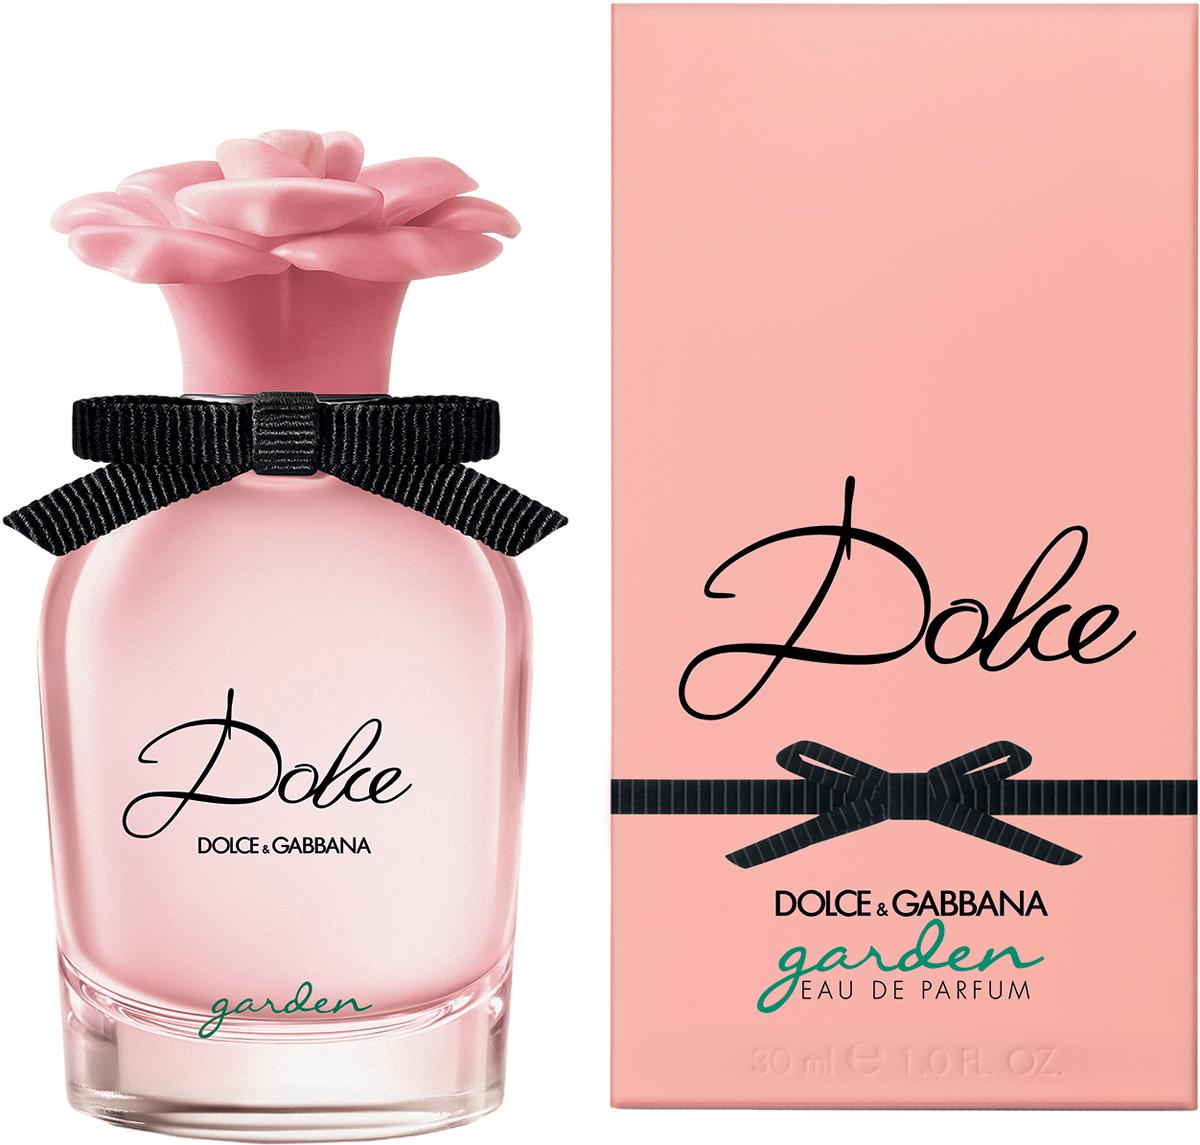 Dolce&Gabbana Dolce Garden Парфюмерная вода женская, 30 мл8400450DGПарфюмерная вода Dolce Garden Eau de Parfum - это восхитительный новый цветок, распускающийся в сицилийском саду. Жизнерадостная солнечная аура цитрусовых и кремовых нот. С Dolce Garden цветок франжипани входит в букет семьи ароматов Dolce.В обласканных солнцем верхних нотах лучатся сиянием сочный мандарин, яркие нероли и воздушная магнолия. Кокосовая эссенция, уникальный натуральный экстракт из белой мякоти плода, подчеркивает кремовую свежесть цветочных лепестков франжипани. Шелковистый миндальный аккорд напоминает о традиционных сладких благоуханиях Сицилии. Обогащенный абсолю ванили и экстрактом сандалового дерева, он продлевает в шлейфе изысканную чувственность нот франжипани.